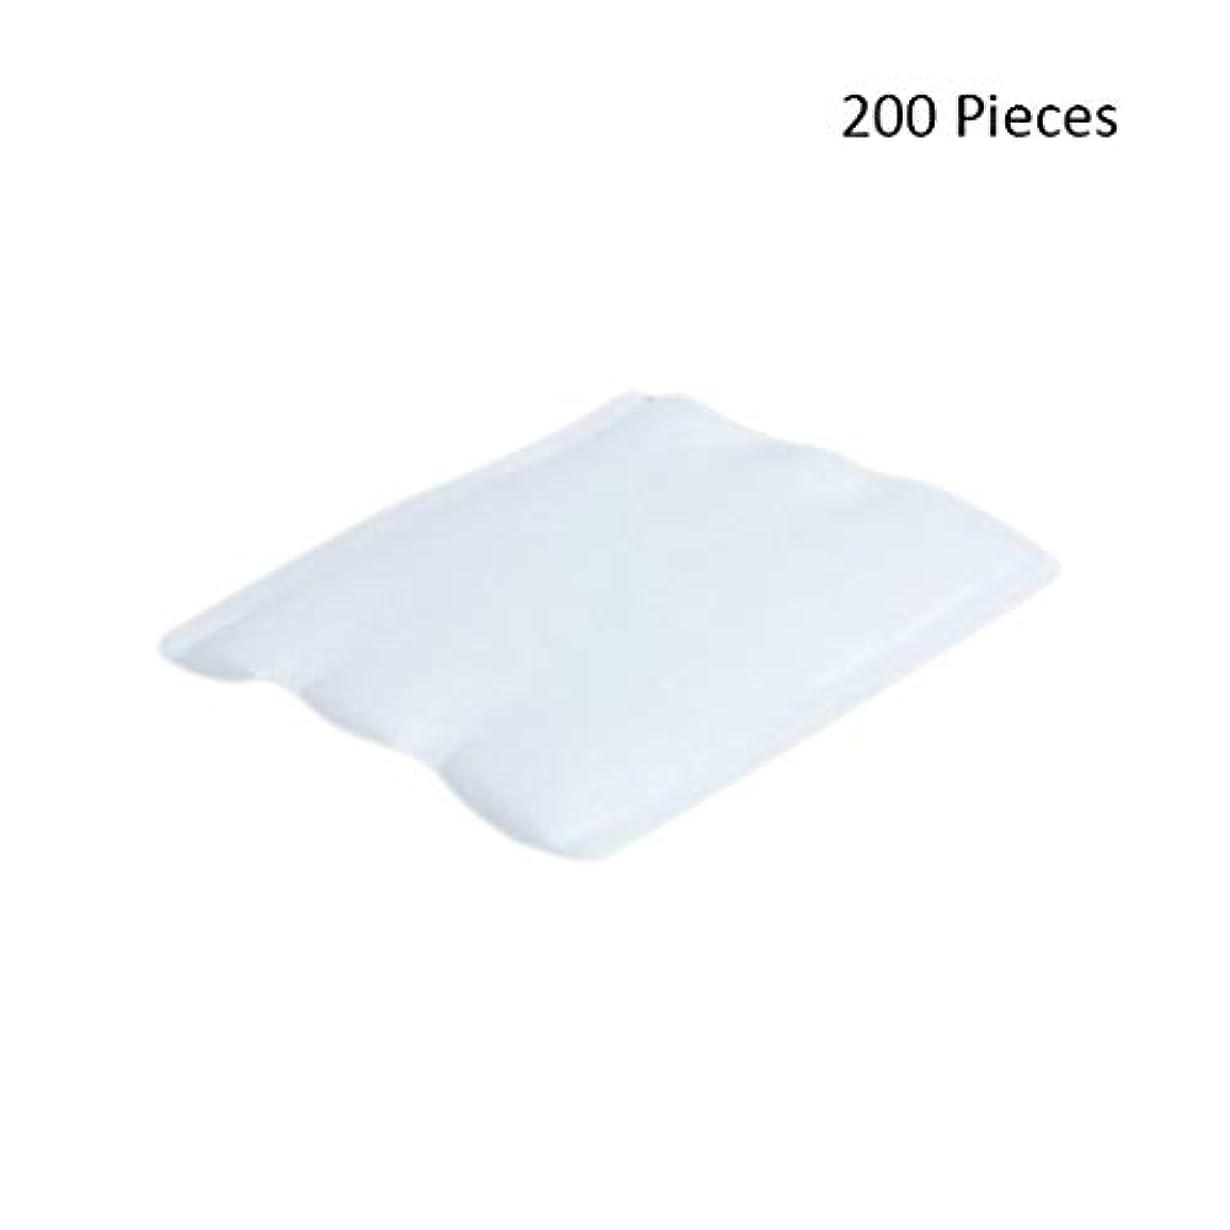 余裕がある不変うなる200ピースフェイスメイクアップリムーバーオーガニックフェイシャルクレンジングメイクアップ化粧品リムーバーワイプフェイスウォッシュスキンケアコットンパッド (Color : White, サイズ : 6*5cm)